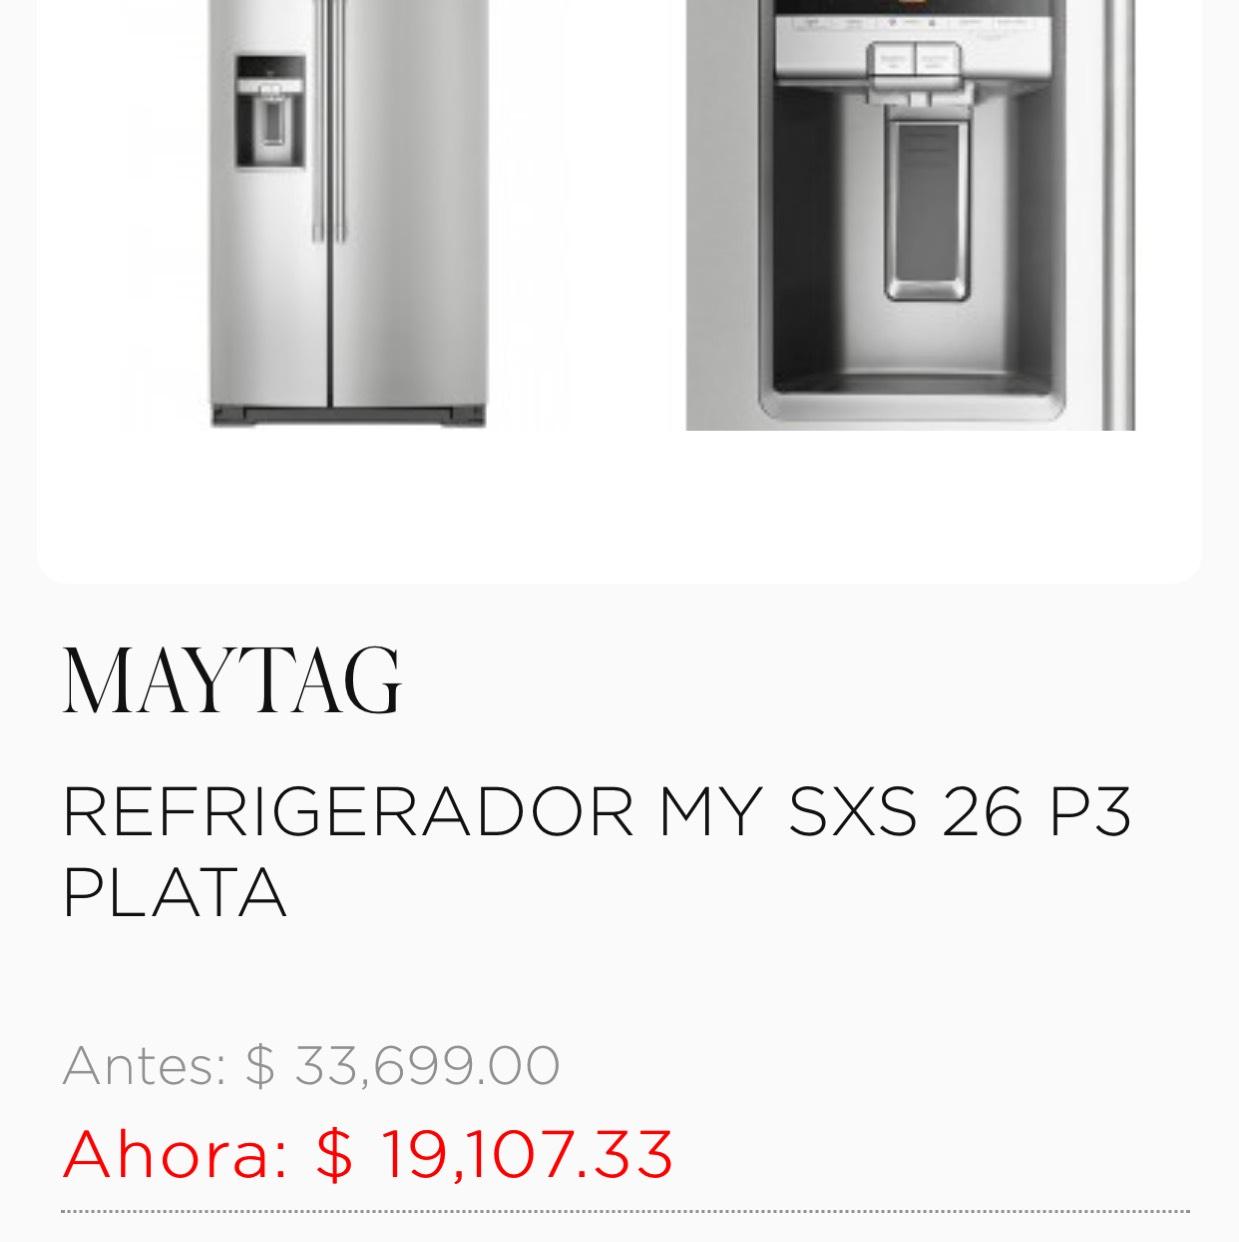 Palacio de Hierro: súper ofertas en línea blanca (ej. Refrigerador My Sxs 26 P3 $19,107)